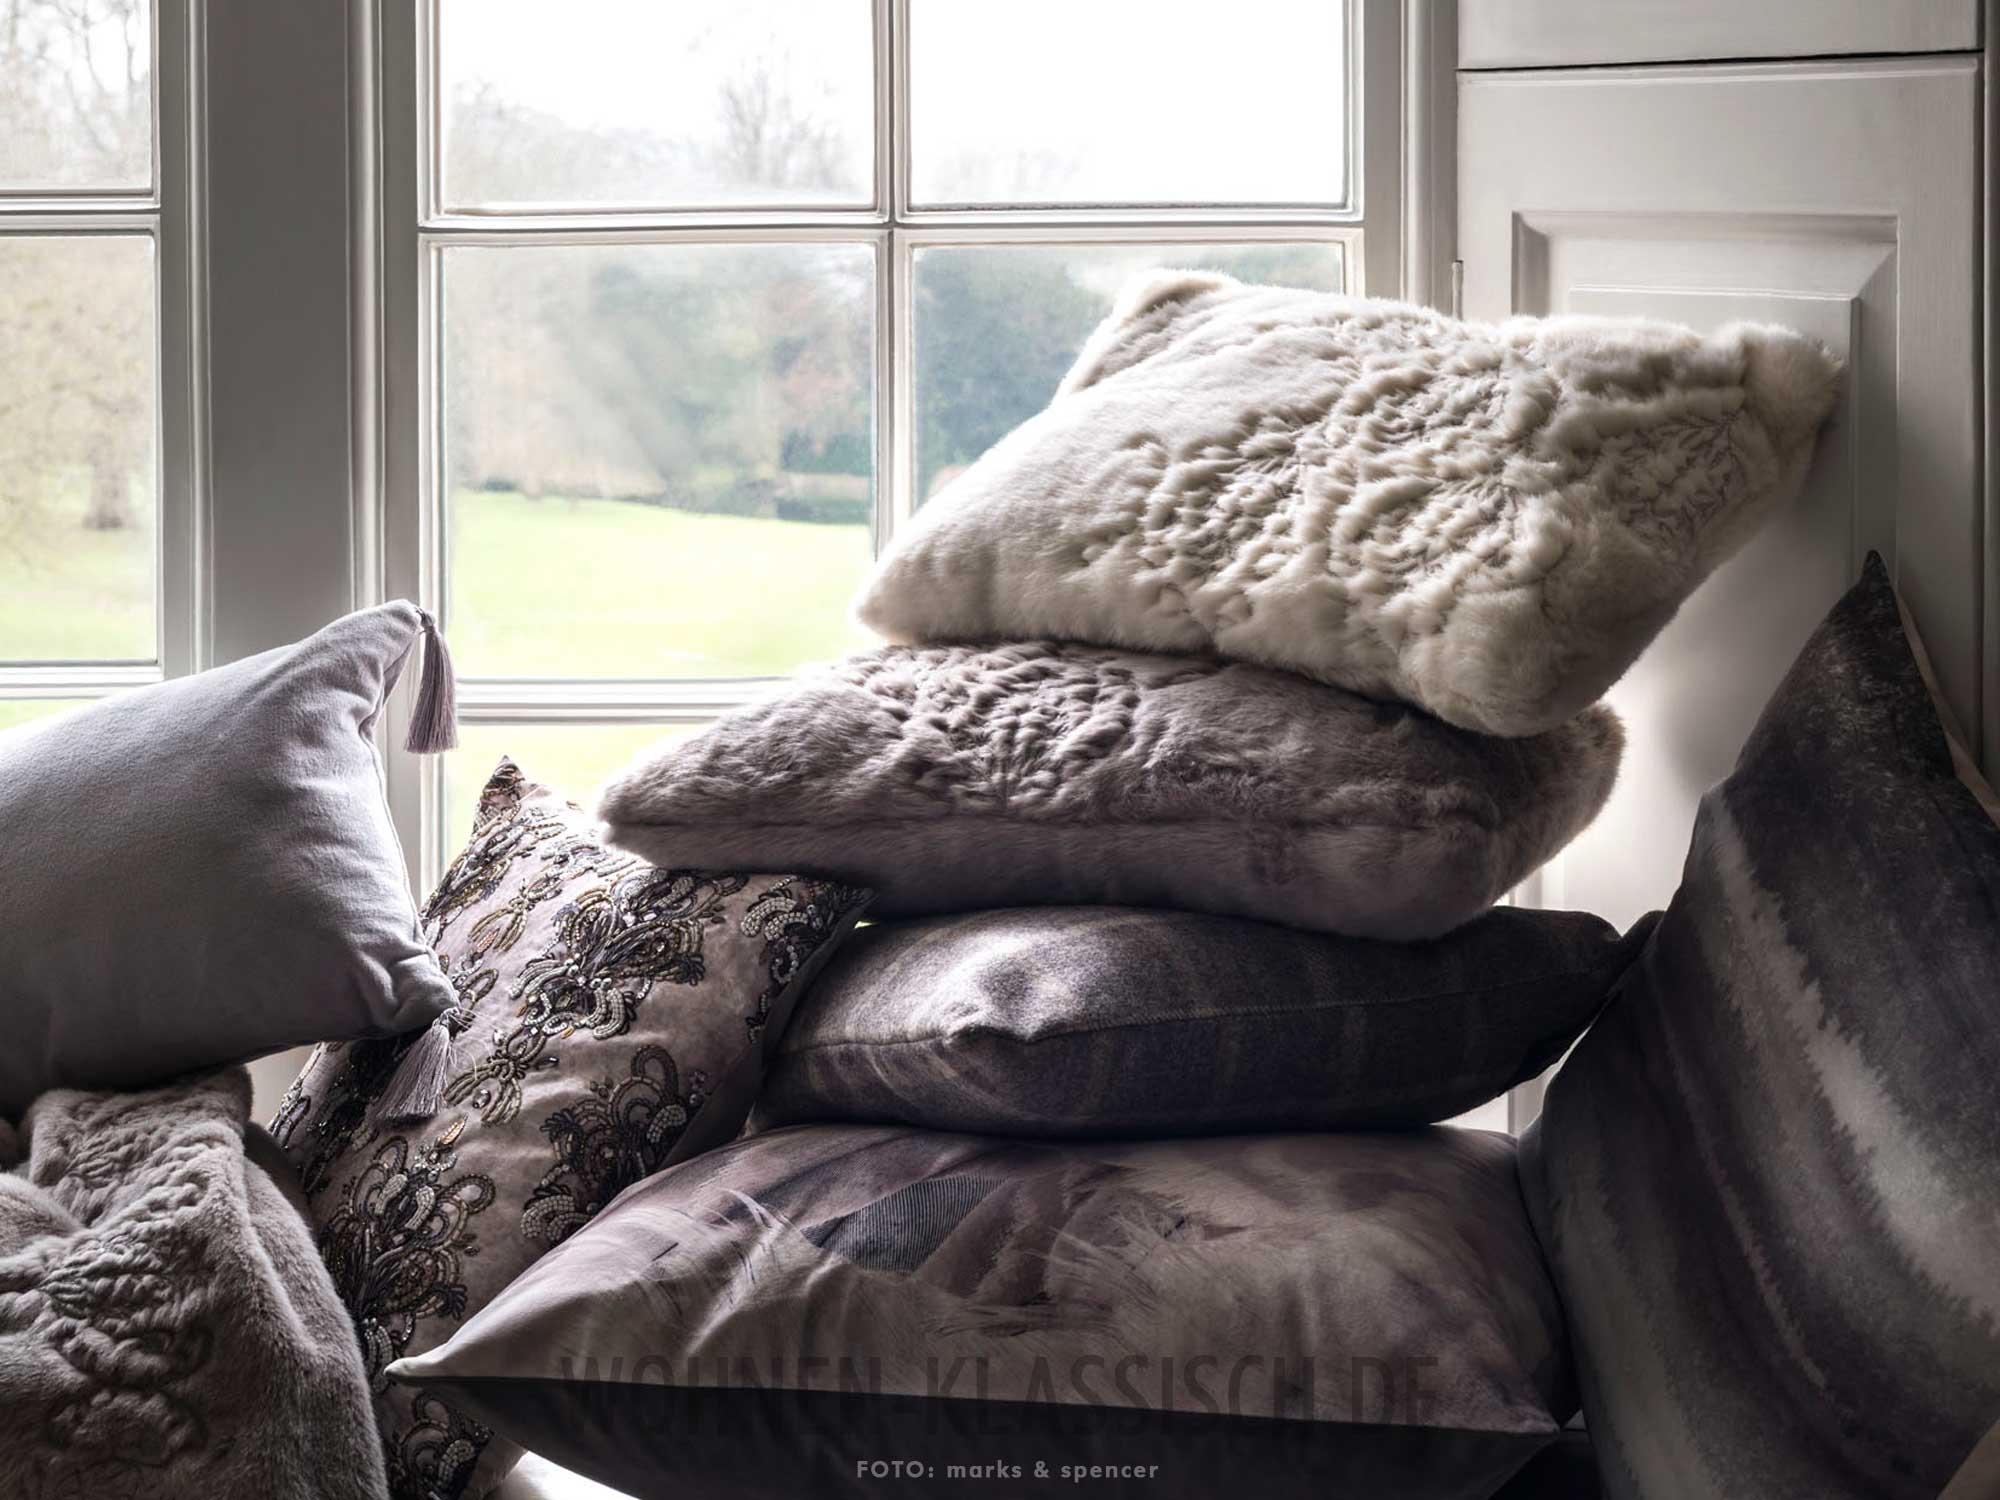 kissen zum einkuscheln klassisch wohnen. Black Bedroom Furniture Sets. Home Design Ideas